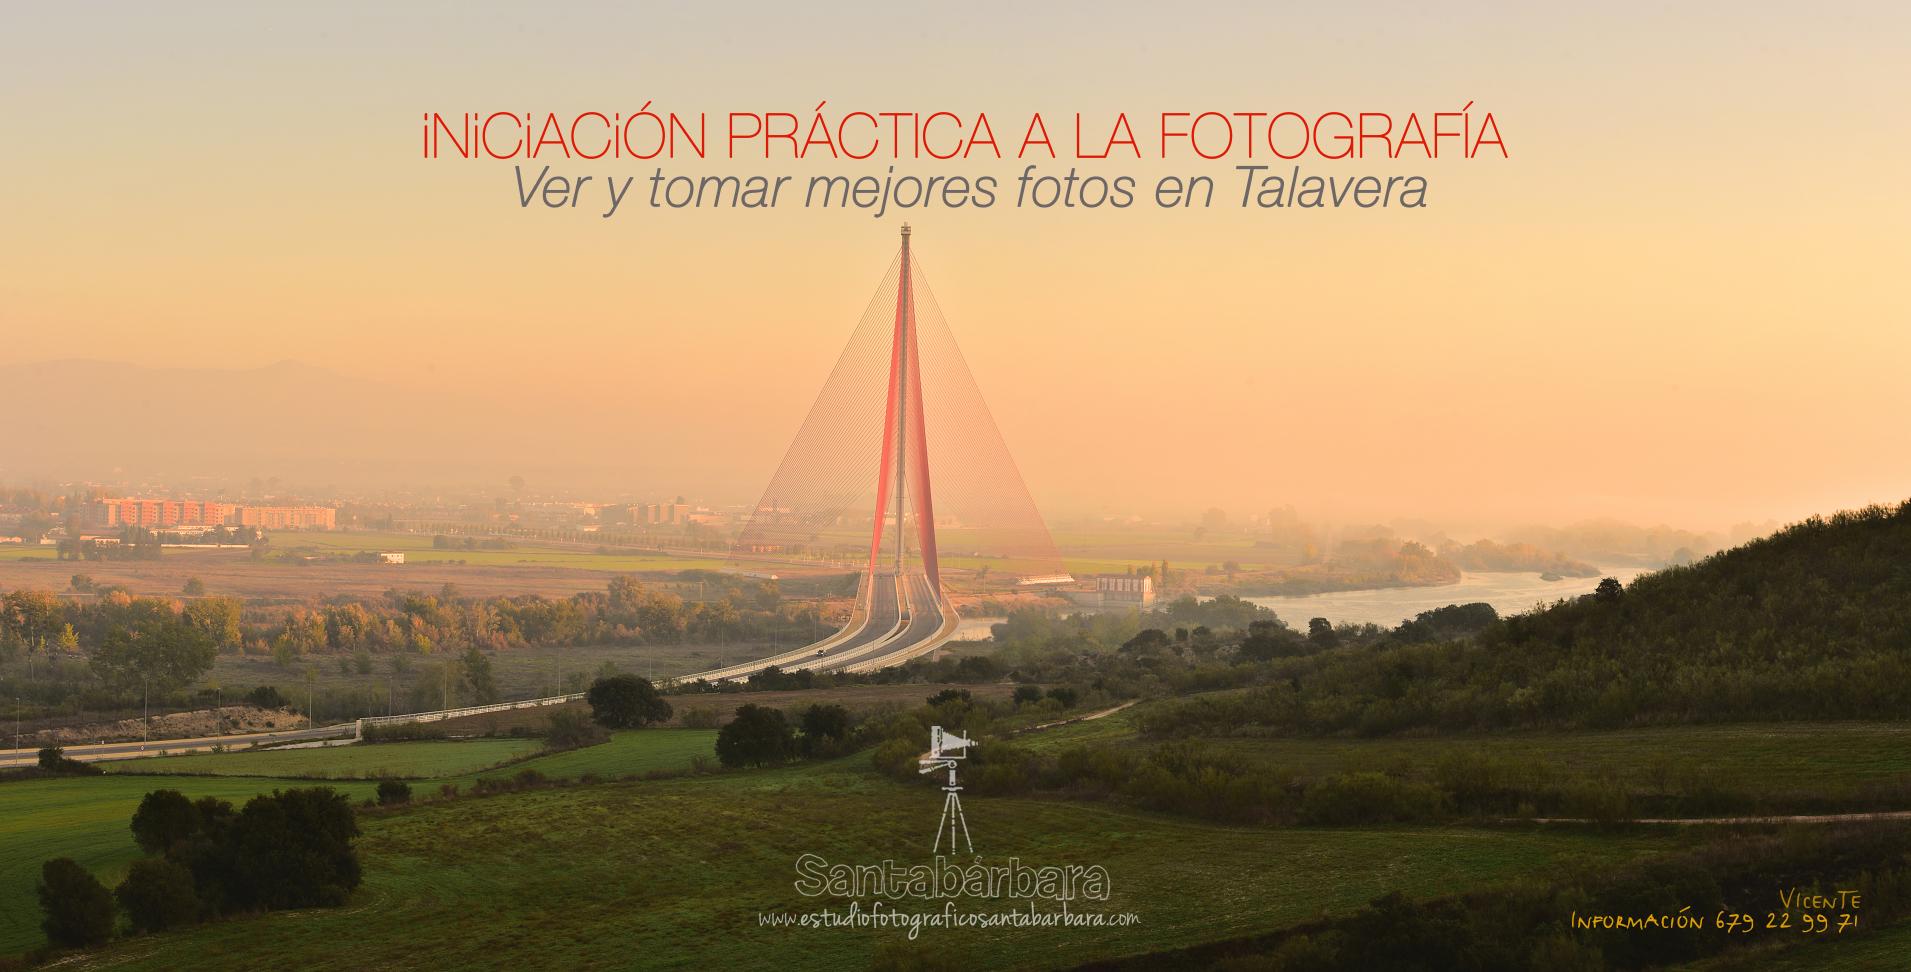 Curso de Fotografía en Talavera de la Reina   Vicente Hernández Velasco